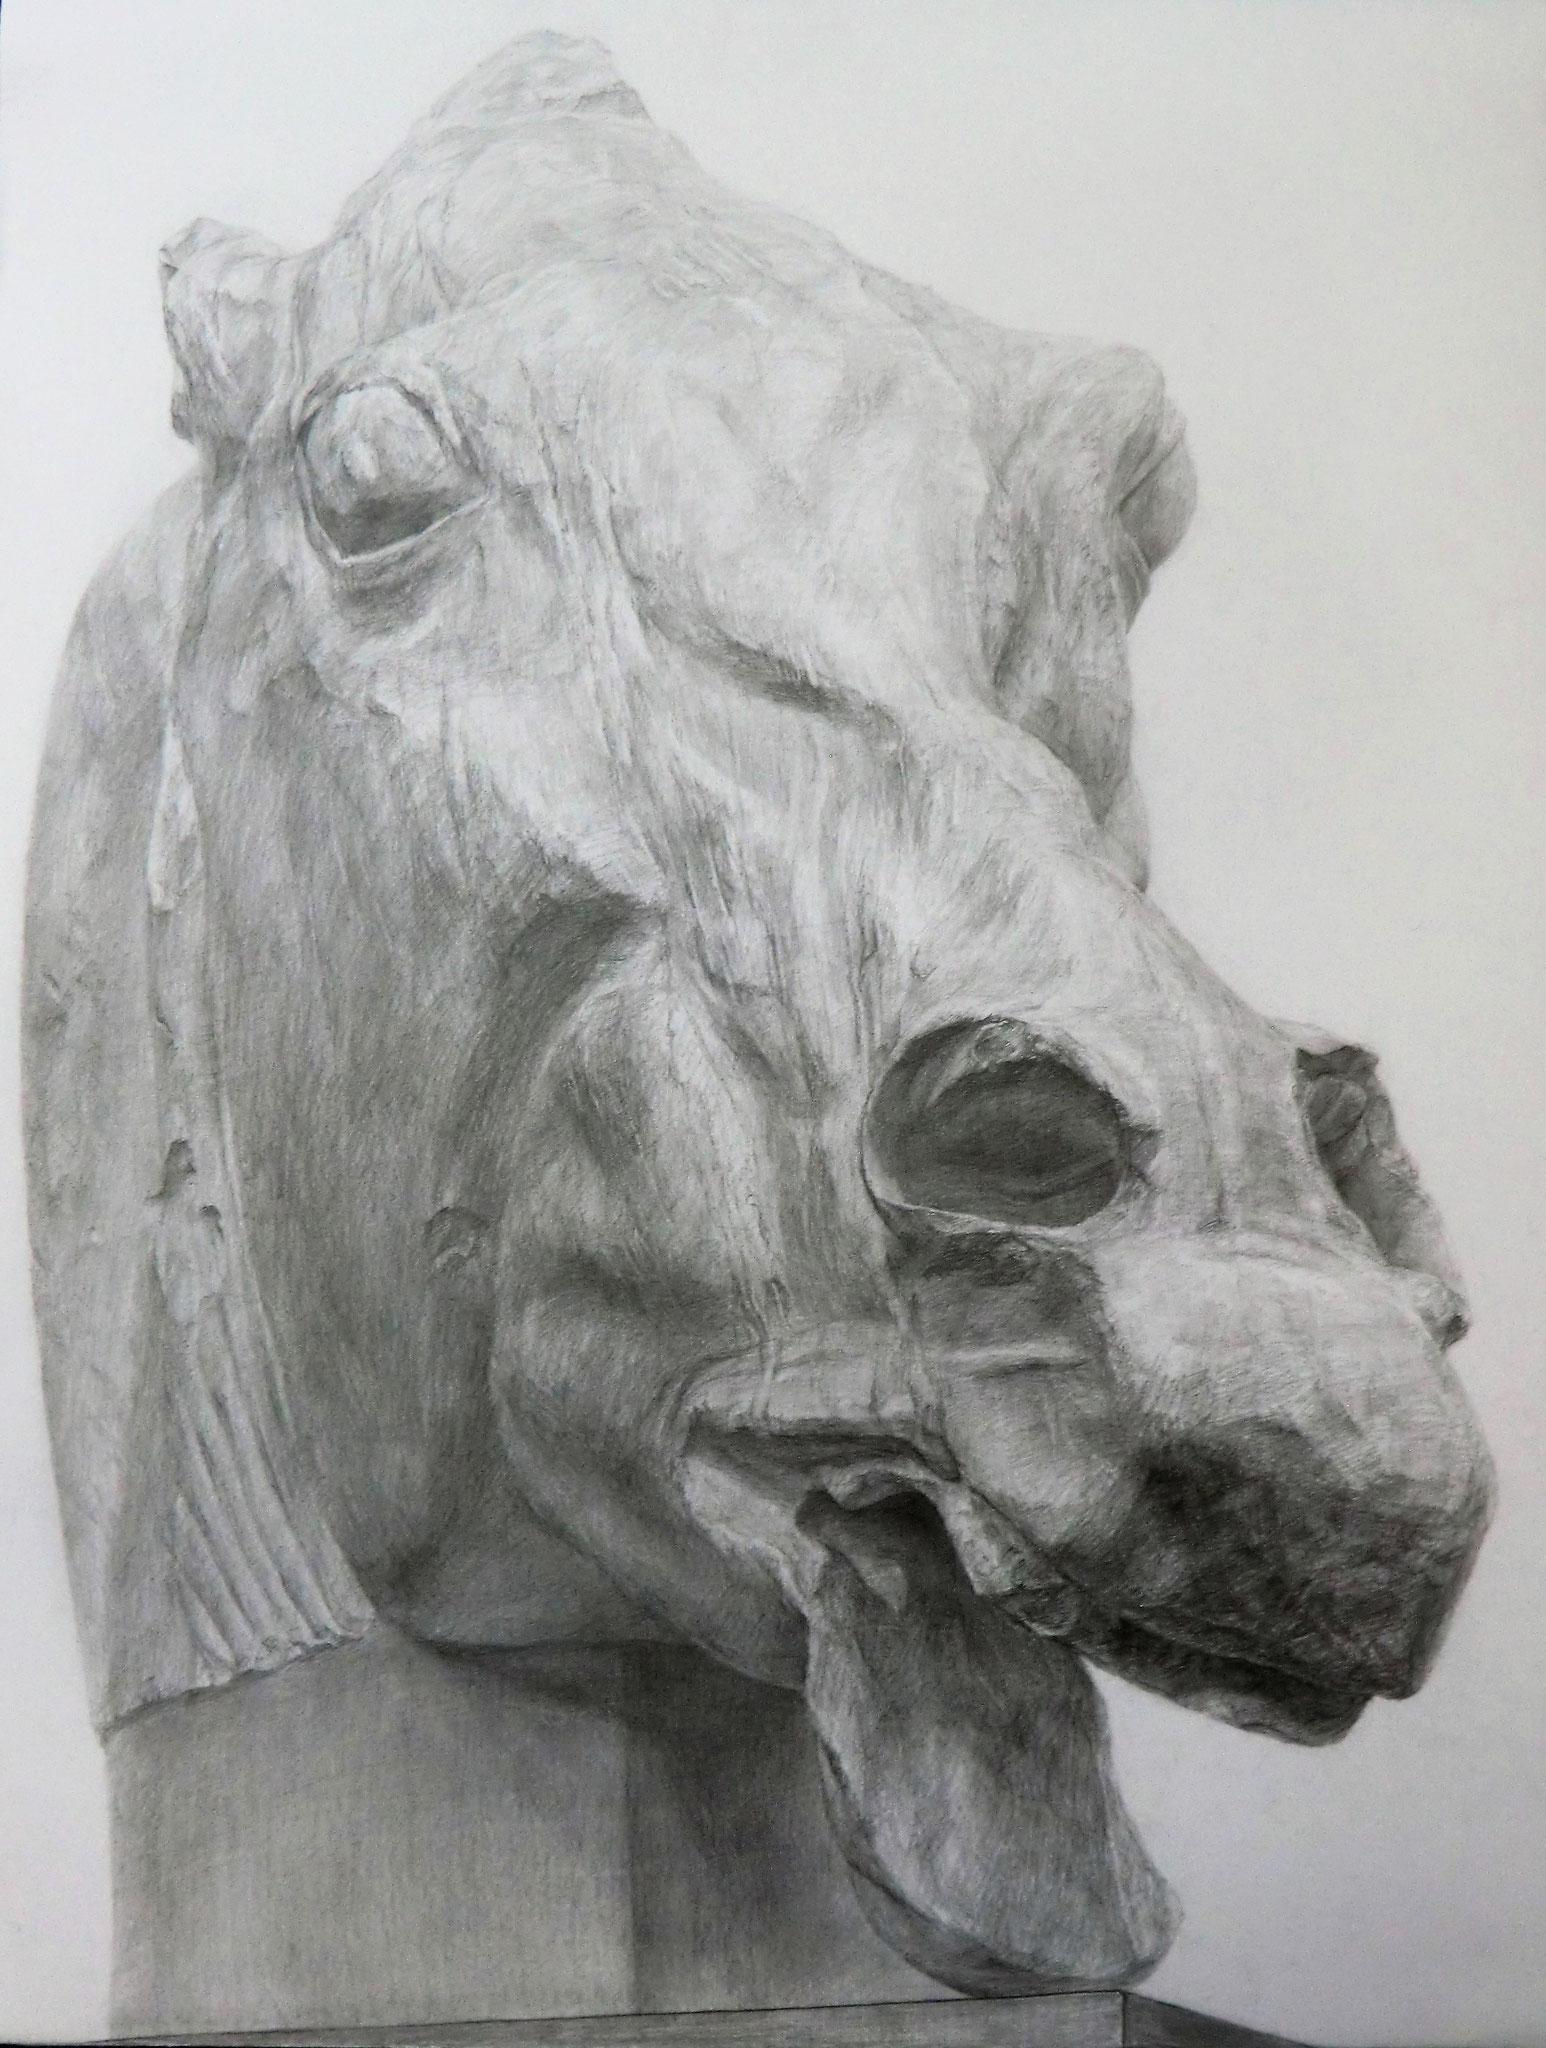 生徒作品10 鉛筆デッサン<セレネの馬> 630×480mm 白象紙 【日本画系】